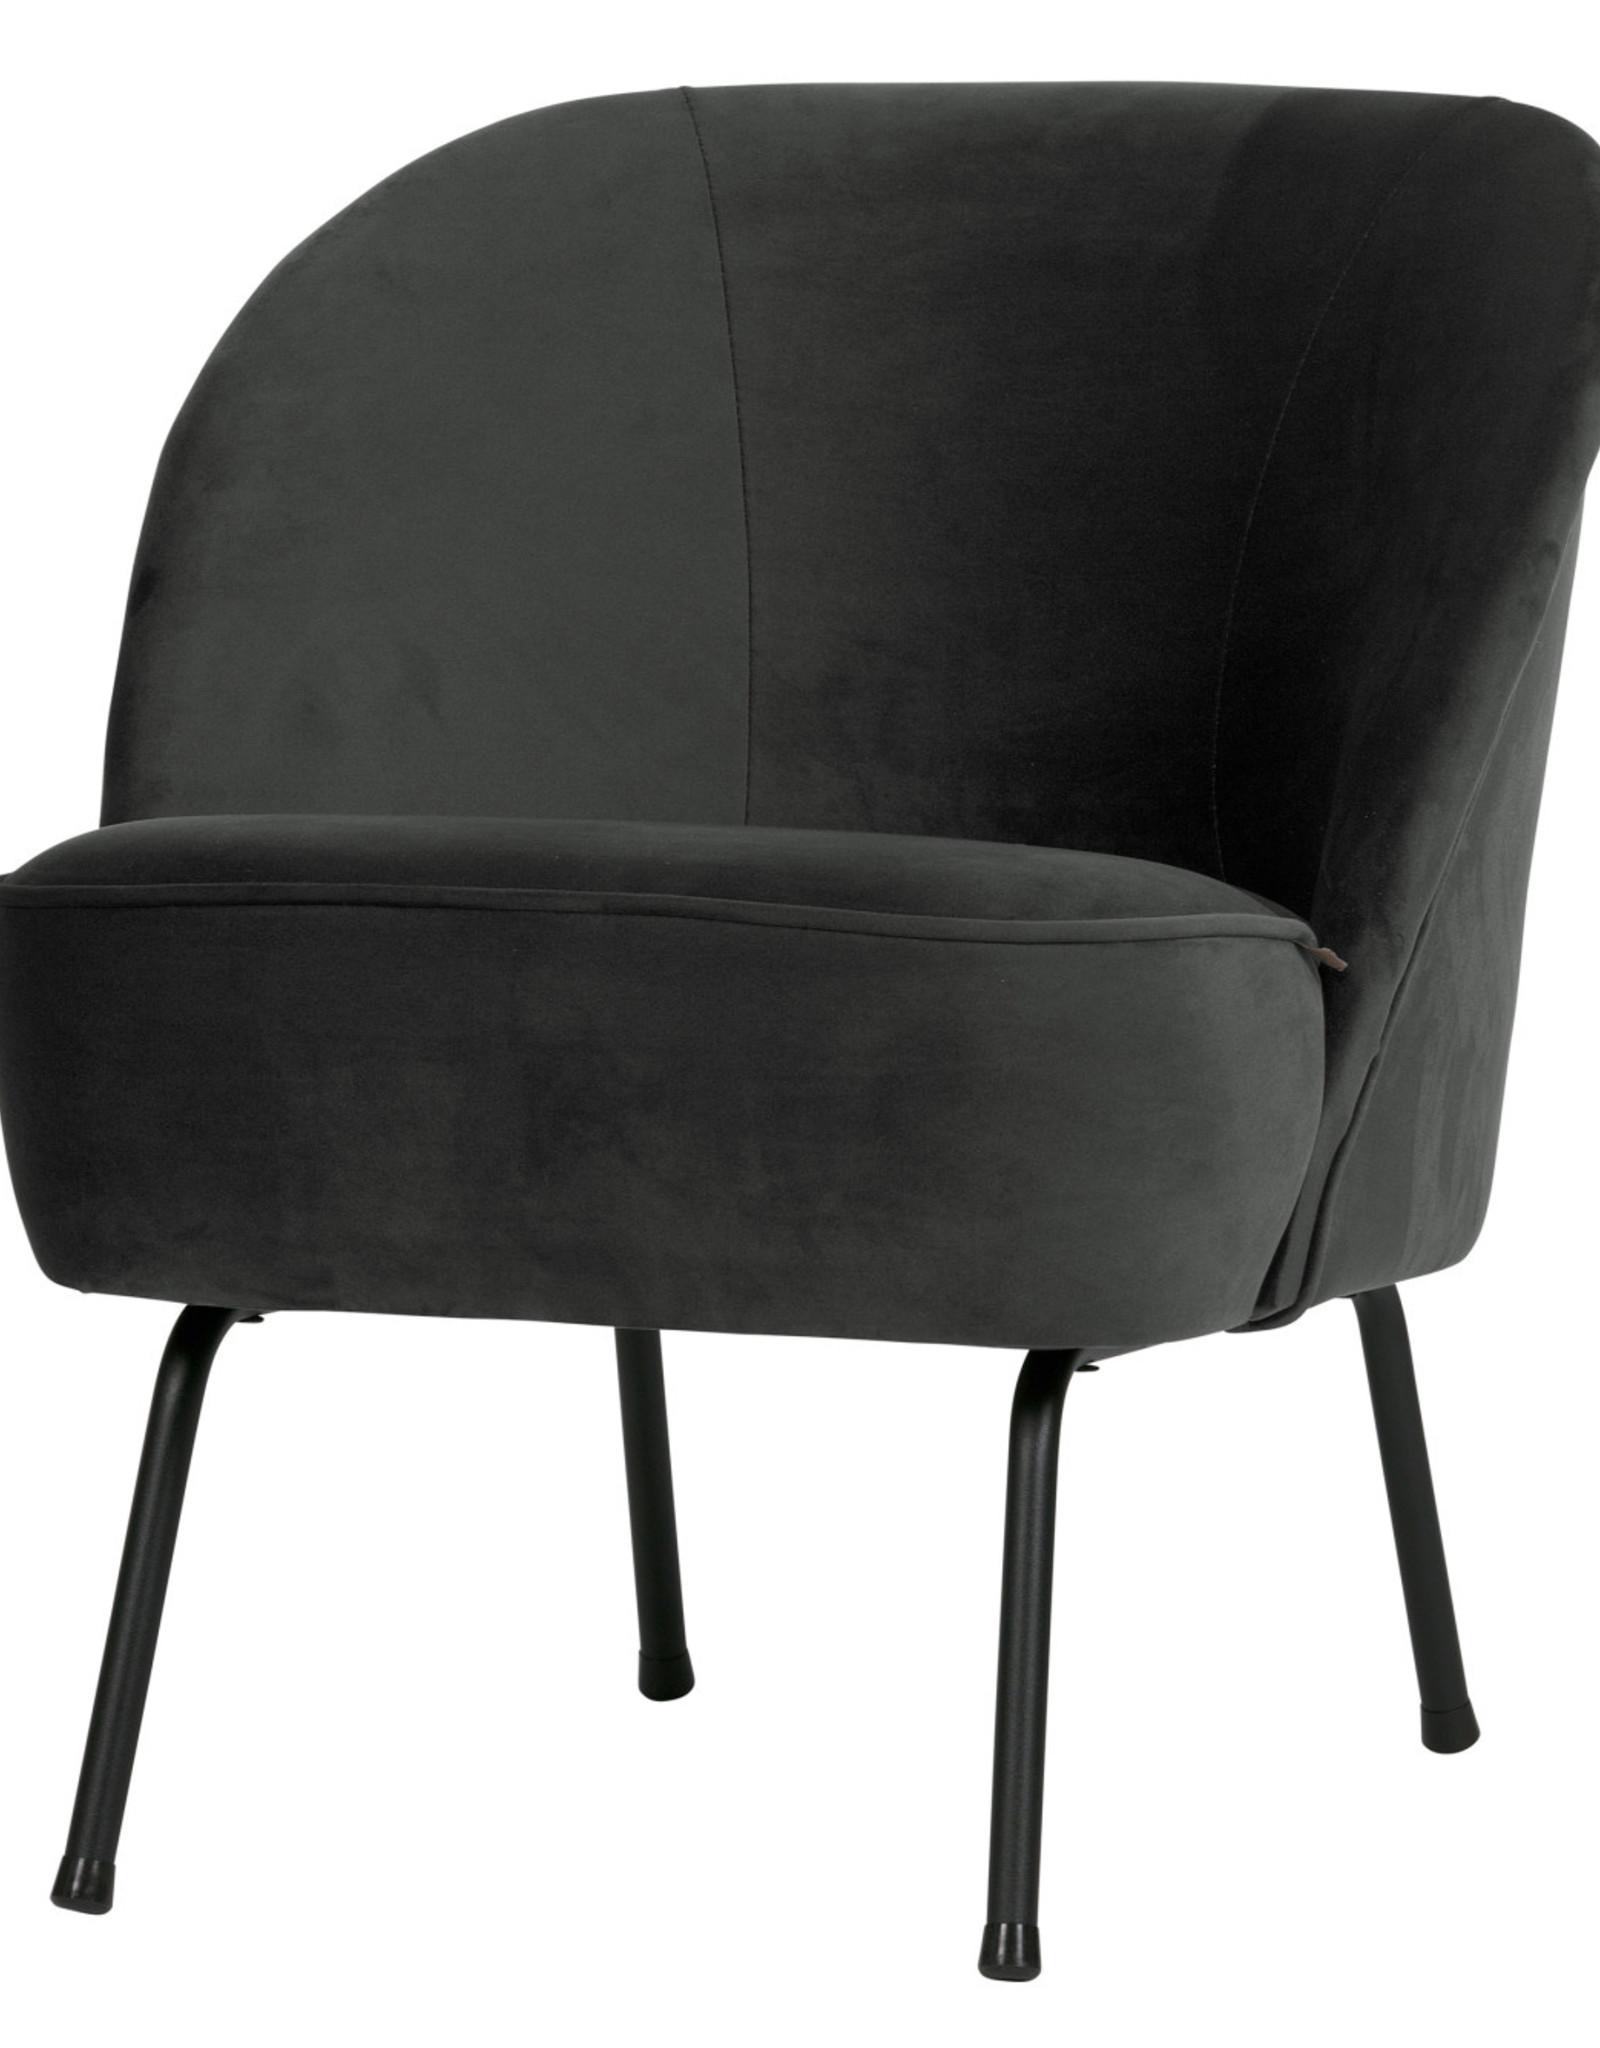 Fauteuil vogue velvet - Zwart